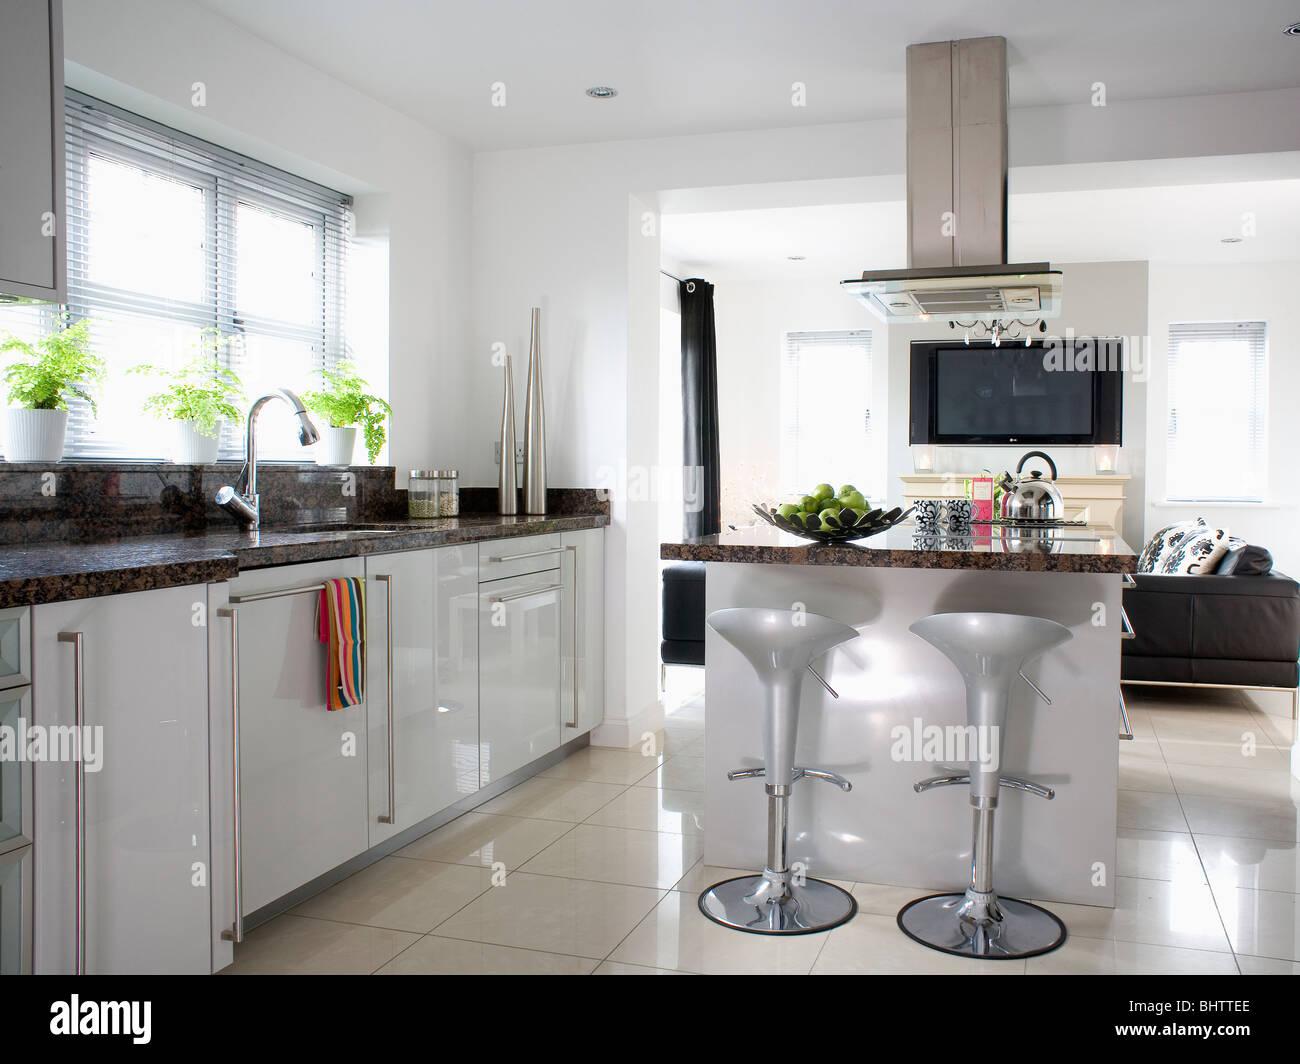 Tolle Kücheninseln Mit Frühstück Bar Fotos Galerie - Küchen Ideen ...